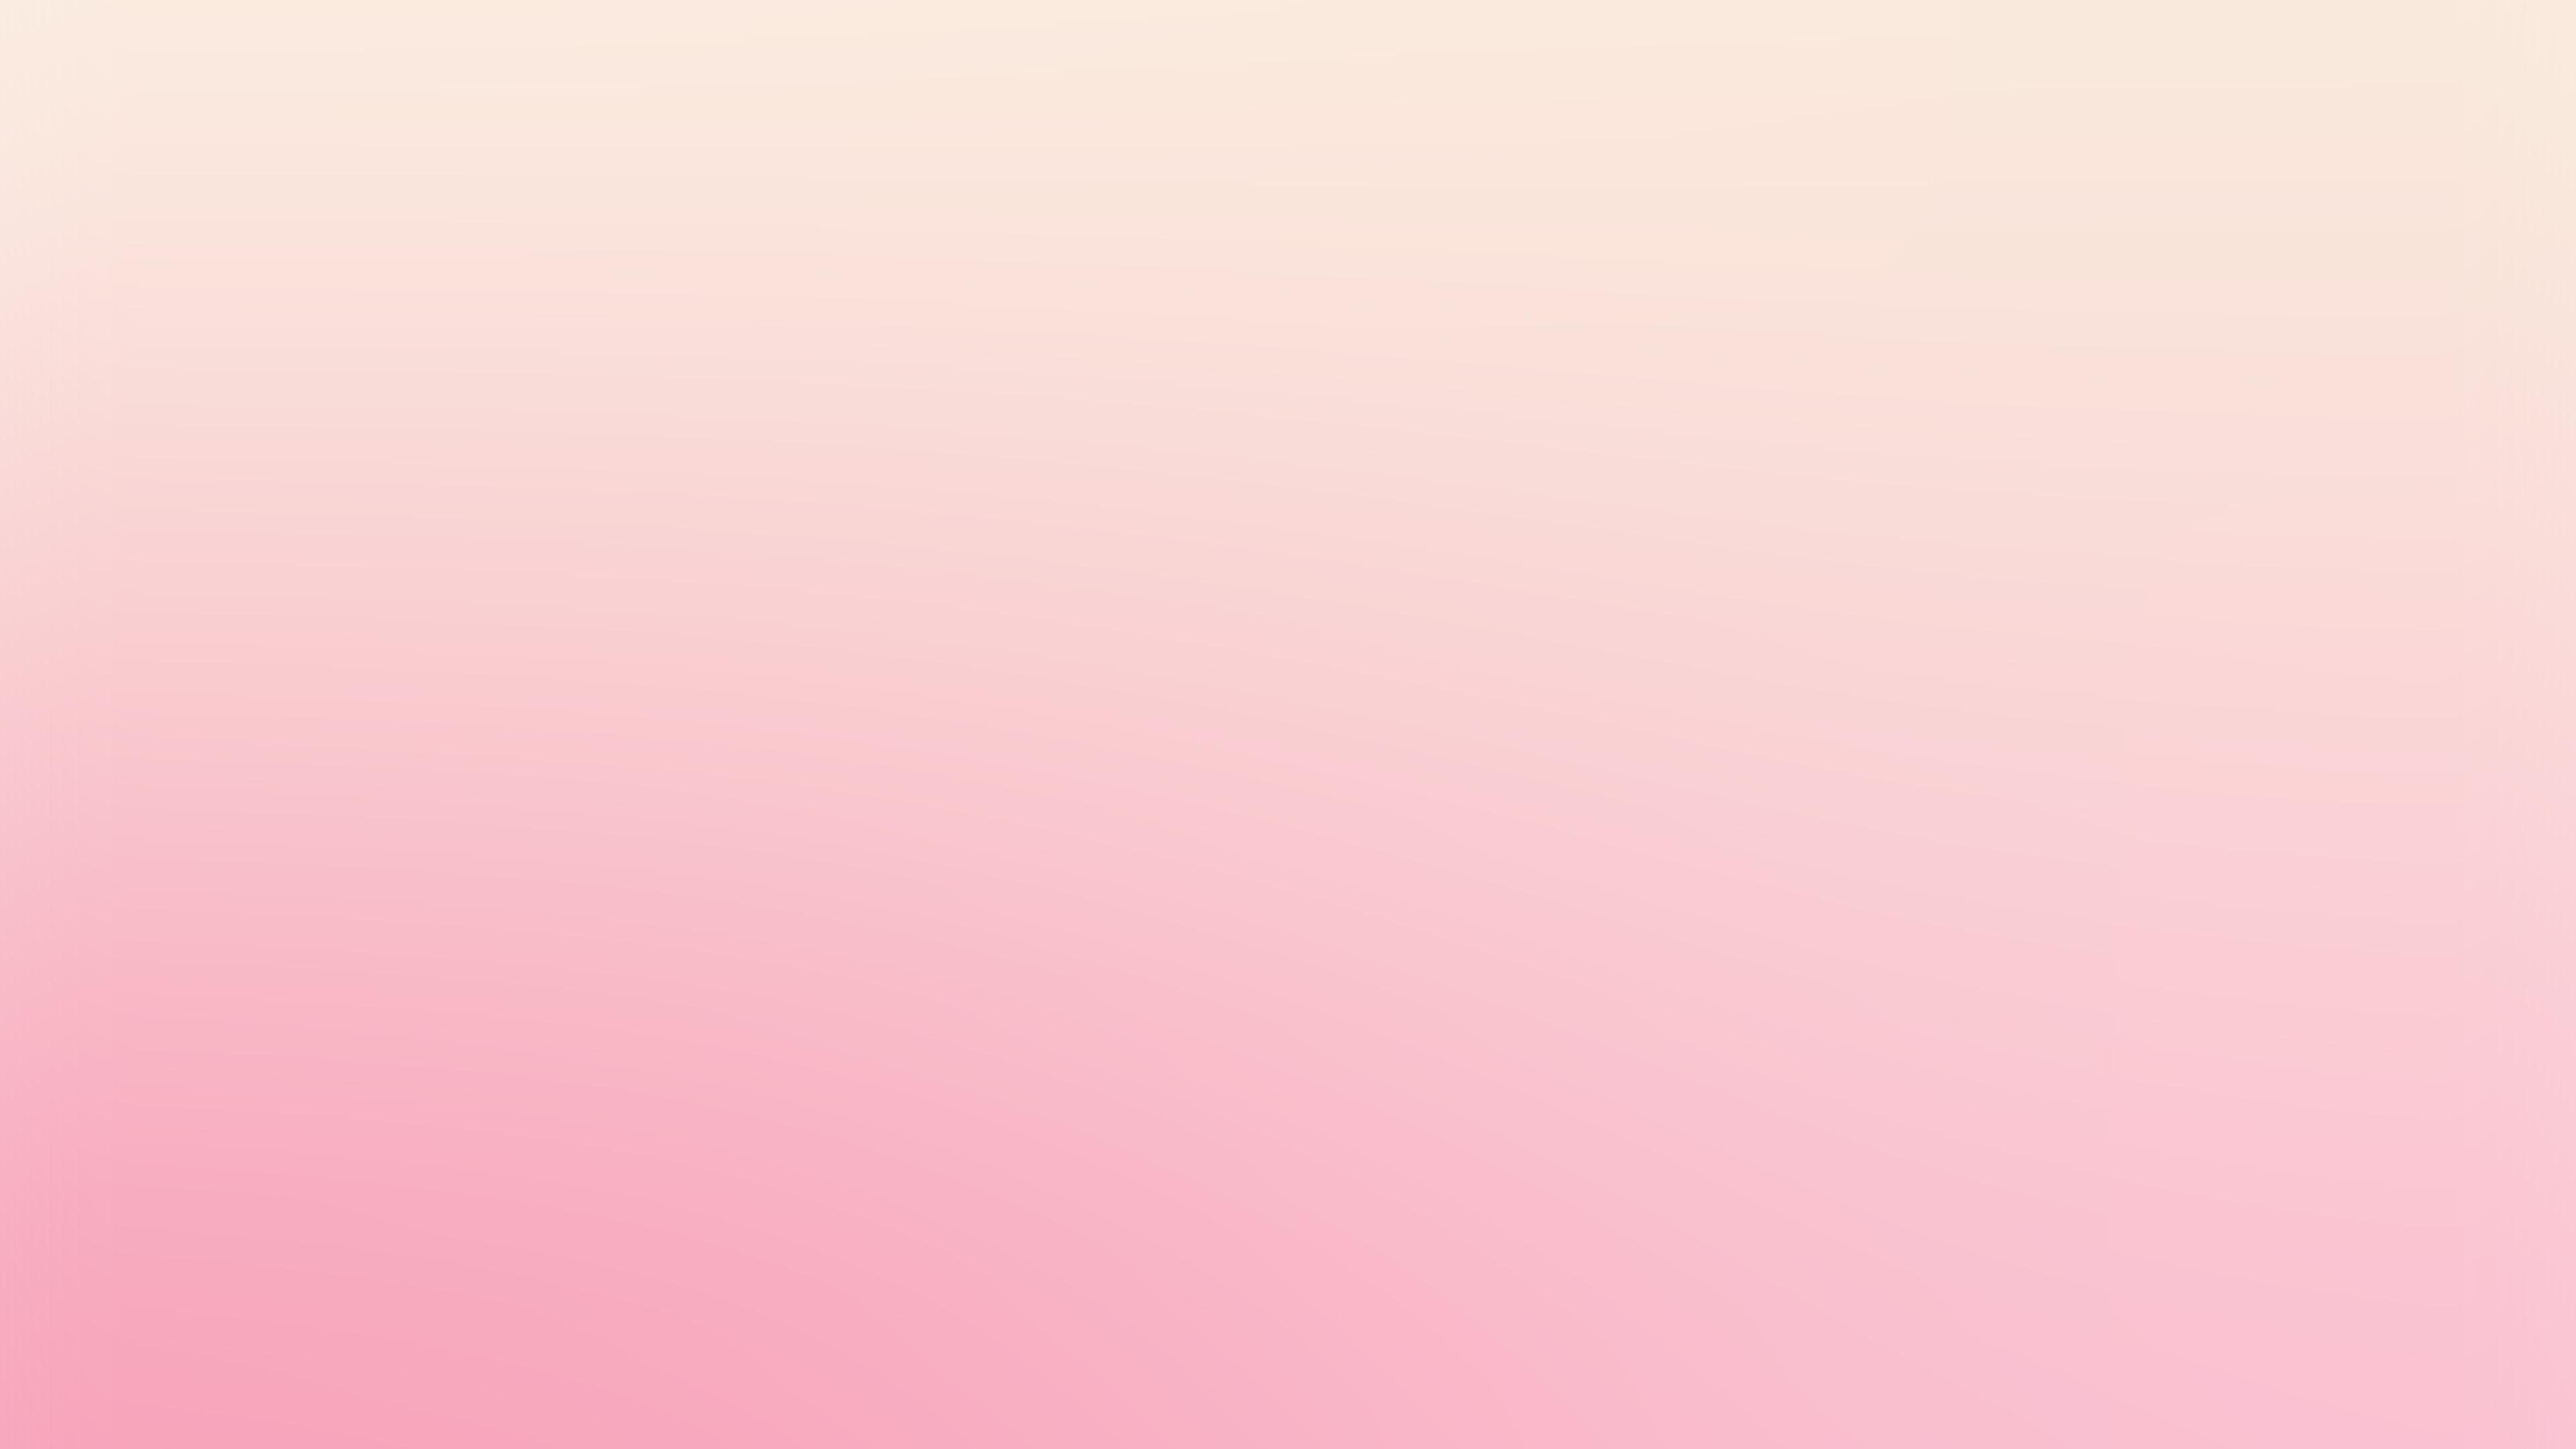 sk12-cute-pink-blur-gradation-wallpaper